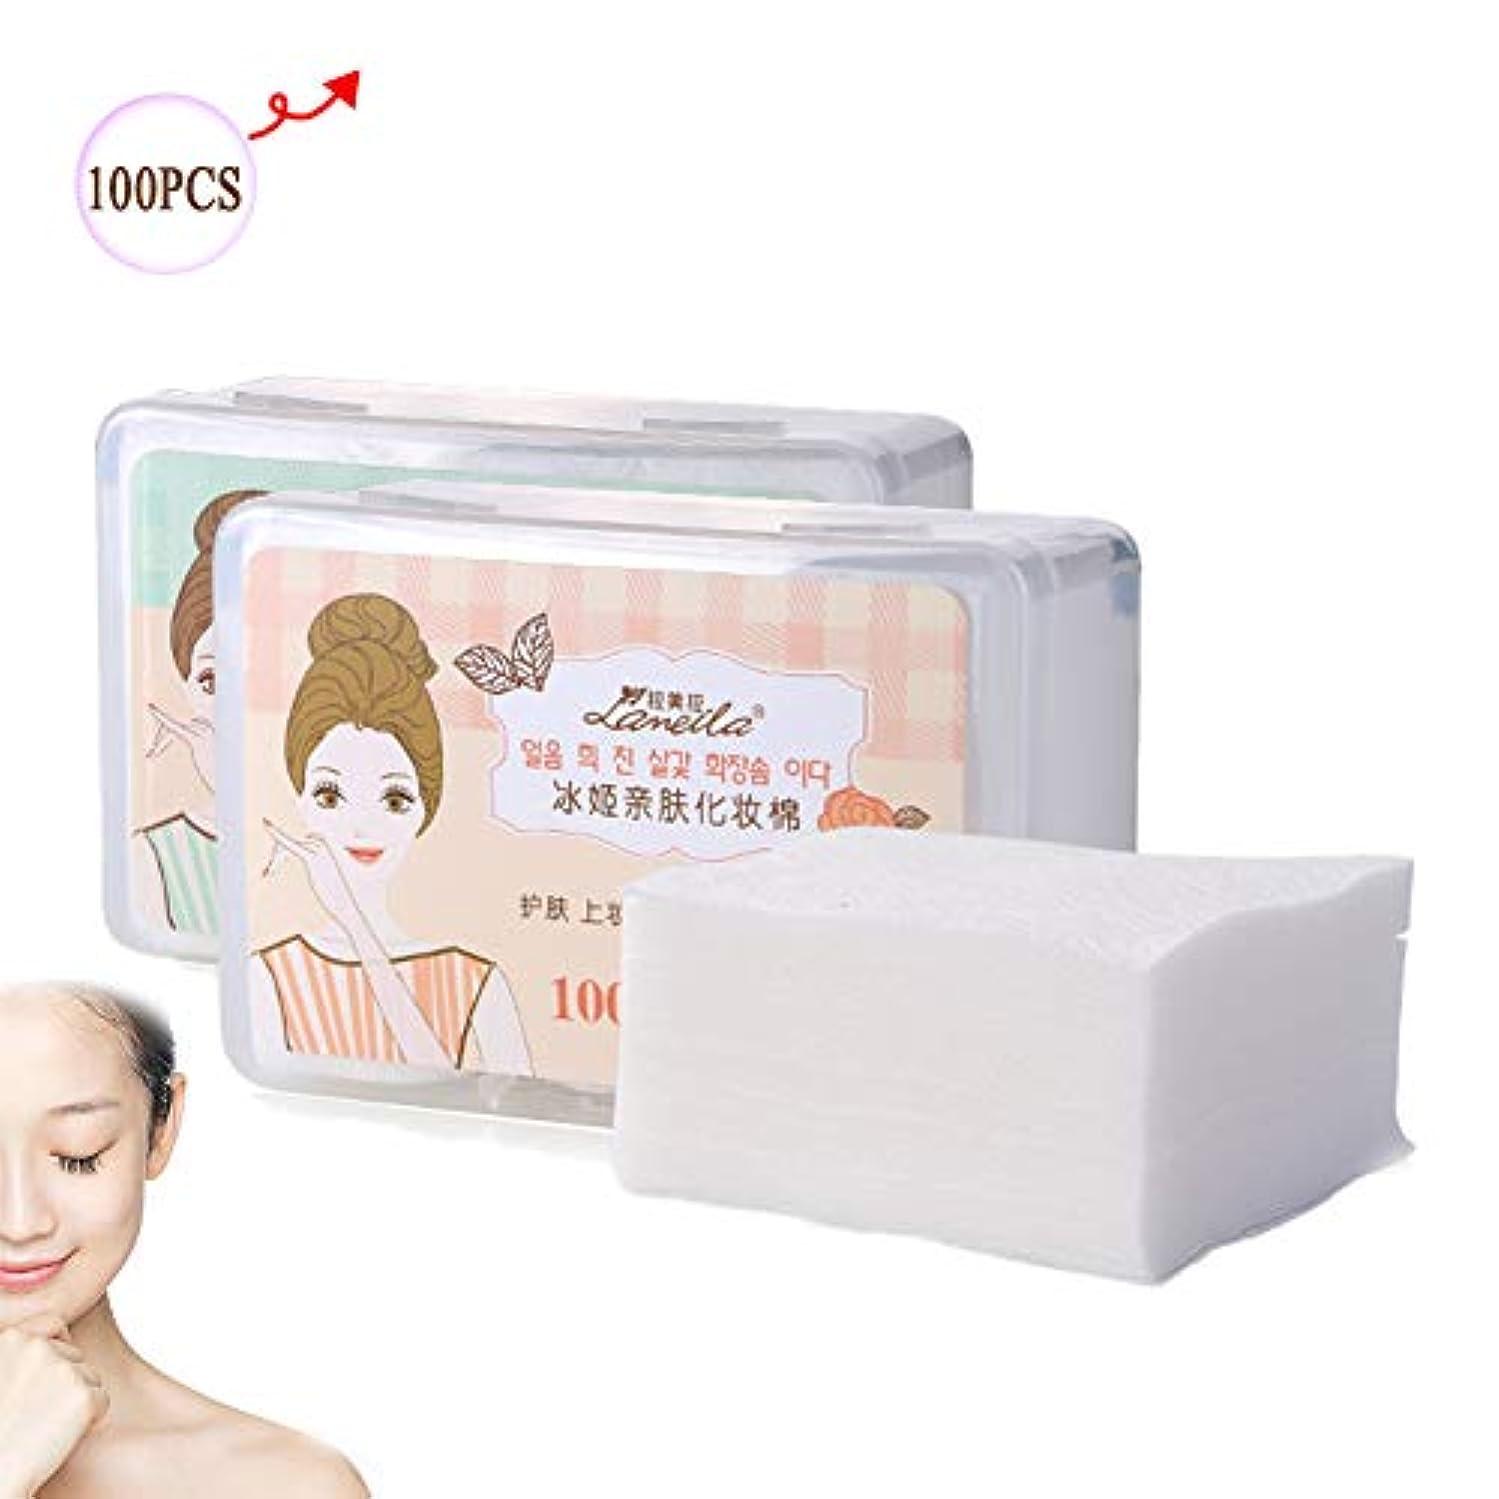 モスク添加剤フォーラムメイク落としパッド、顔用洗顔料コットンパッド洗顔用女性と男性